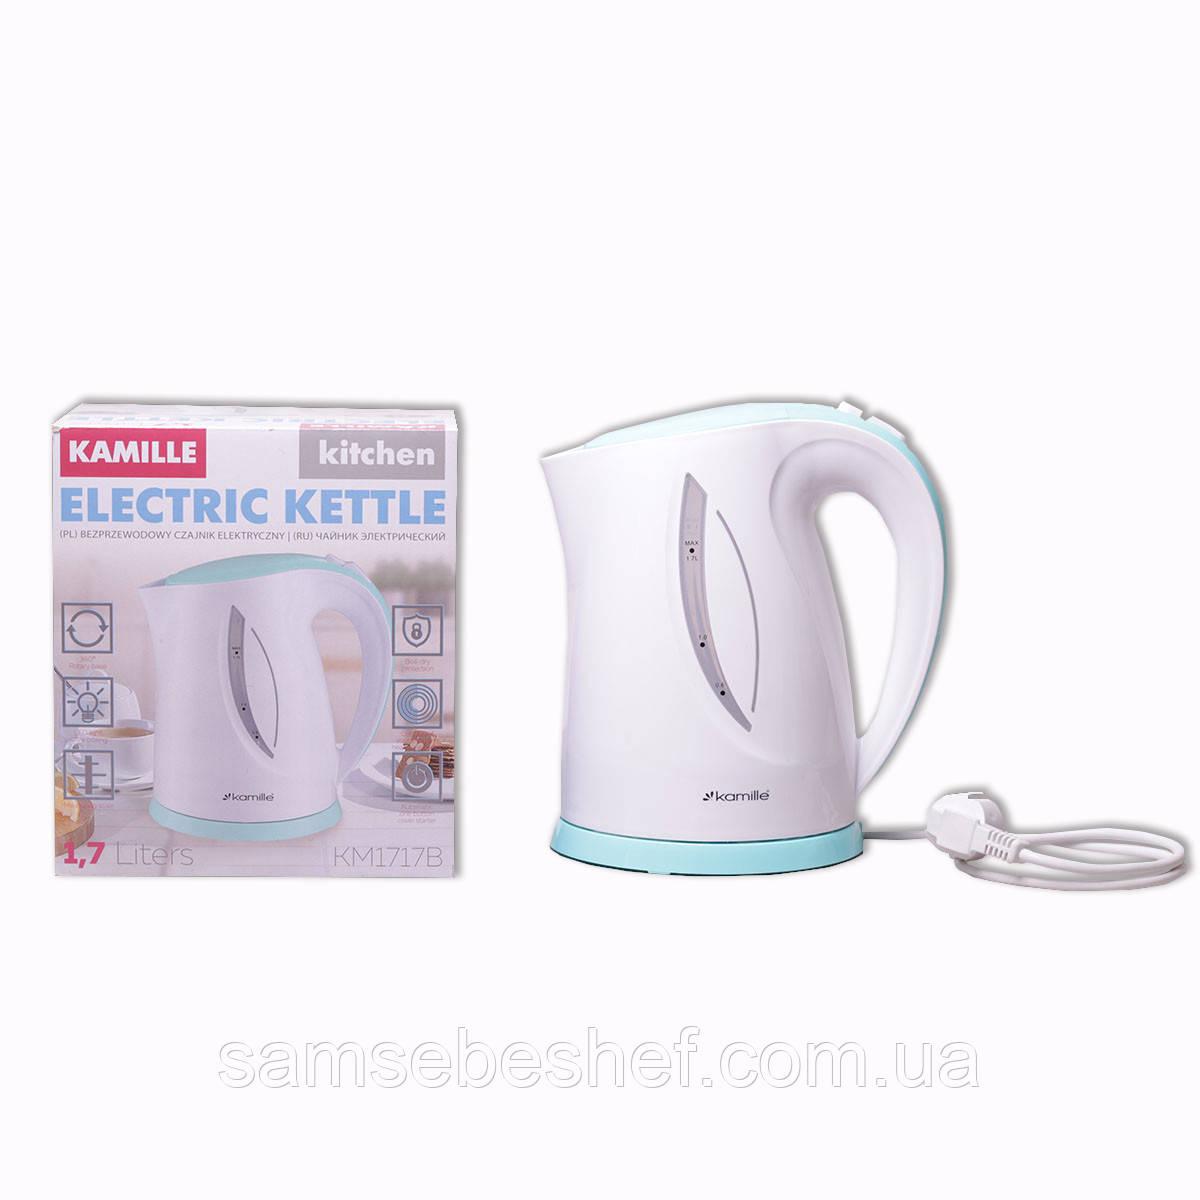 Чайник електричний Kamille 1.7 л пластиковий (білий з бірюзовим)